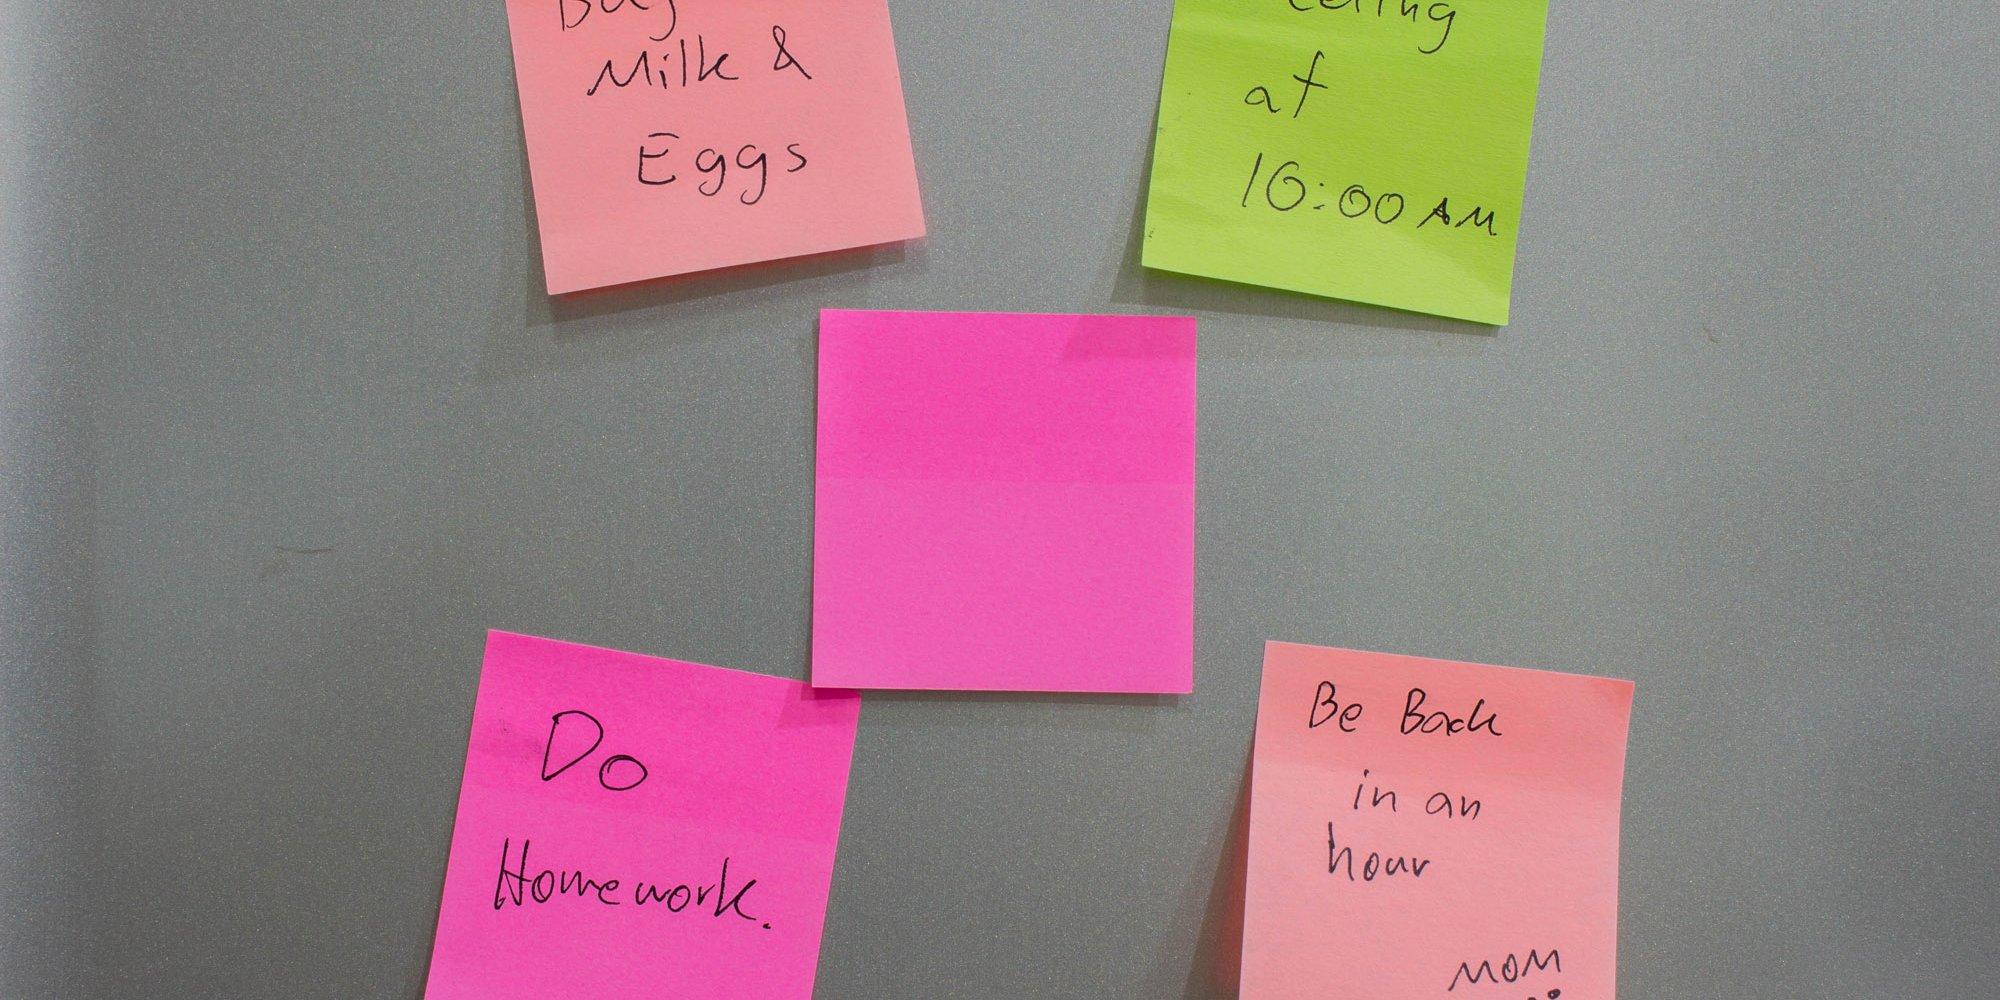 Kis 5 piccole regole per fare ordine | gallery 5